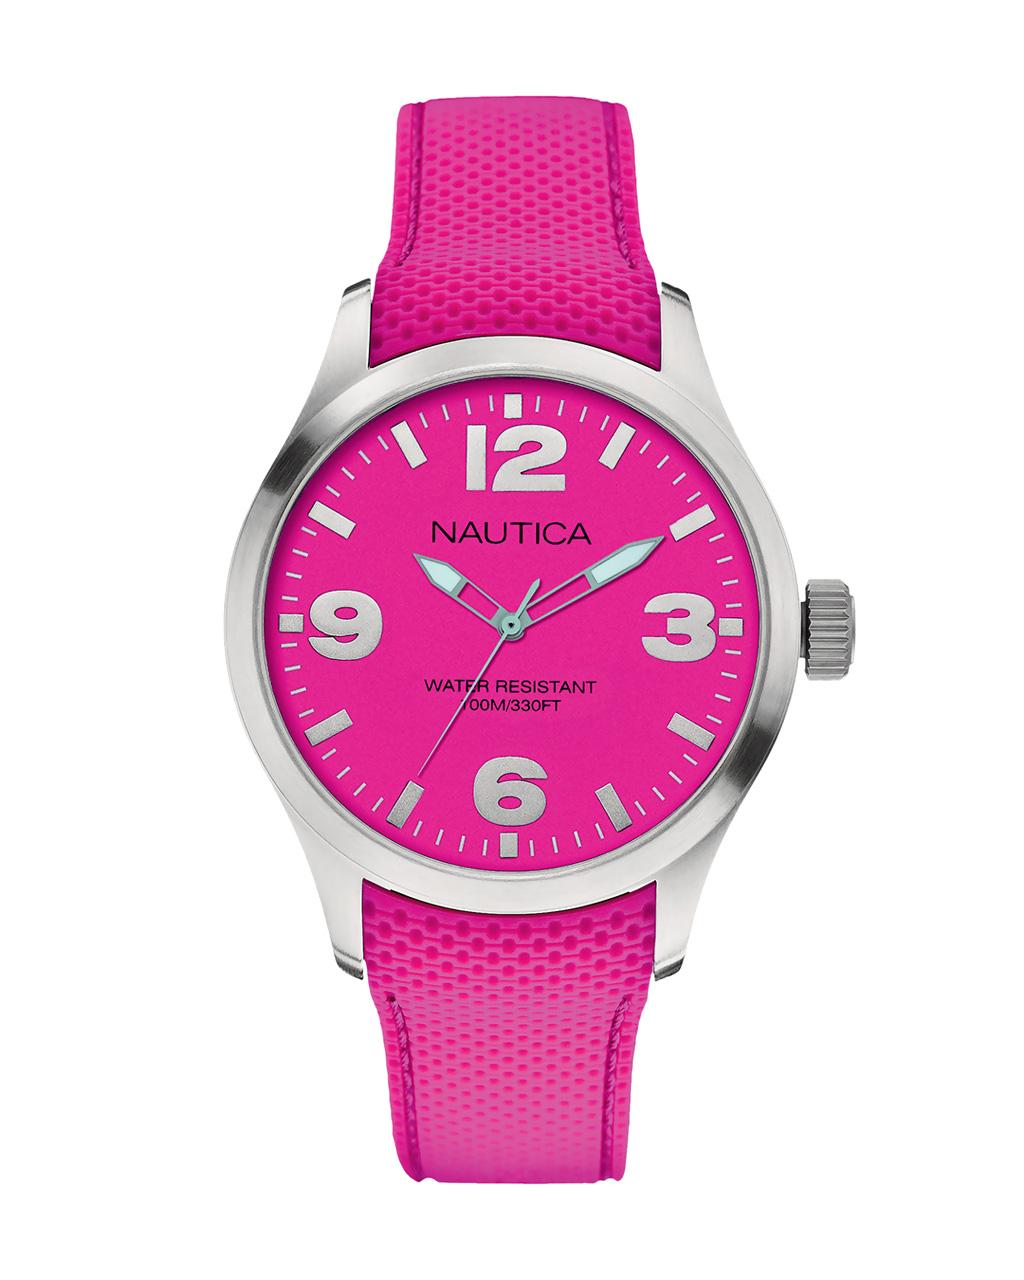 Ρολόι NAUTICA BFD 102 A11586G   brands nautica